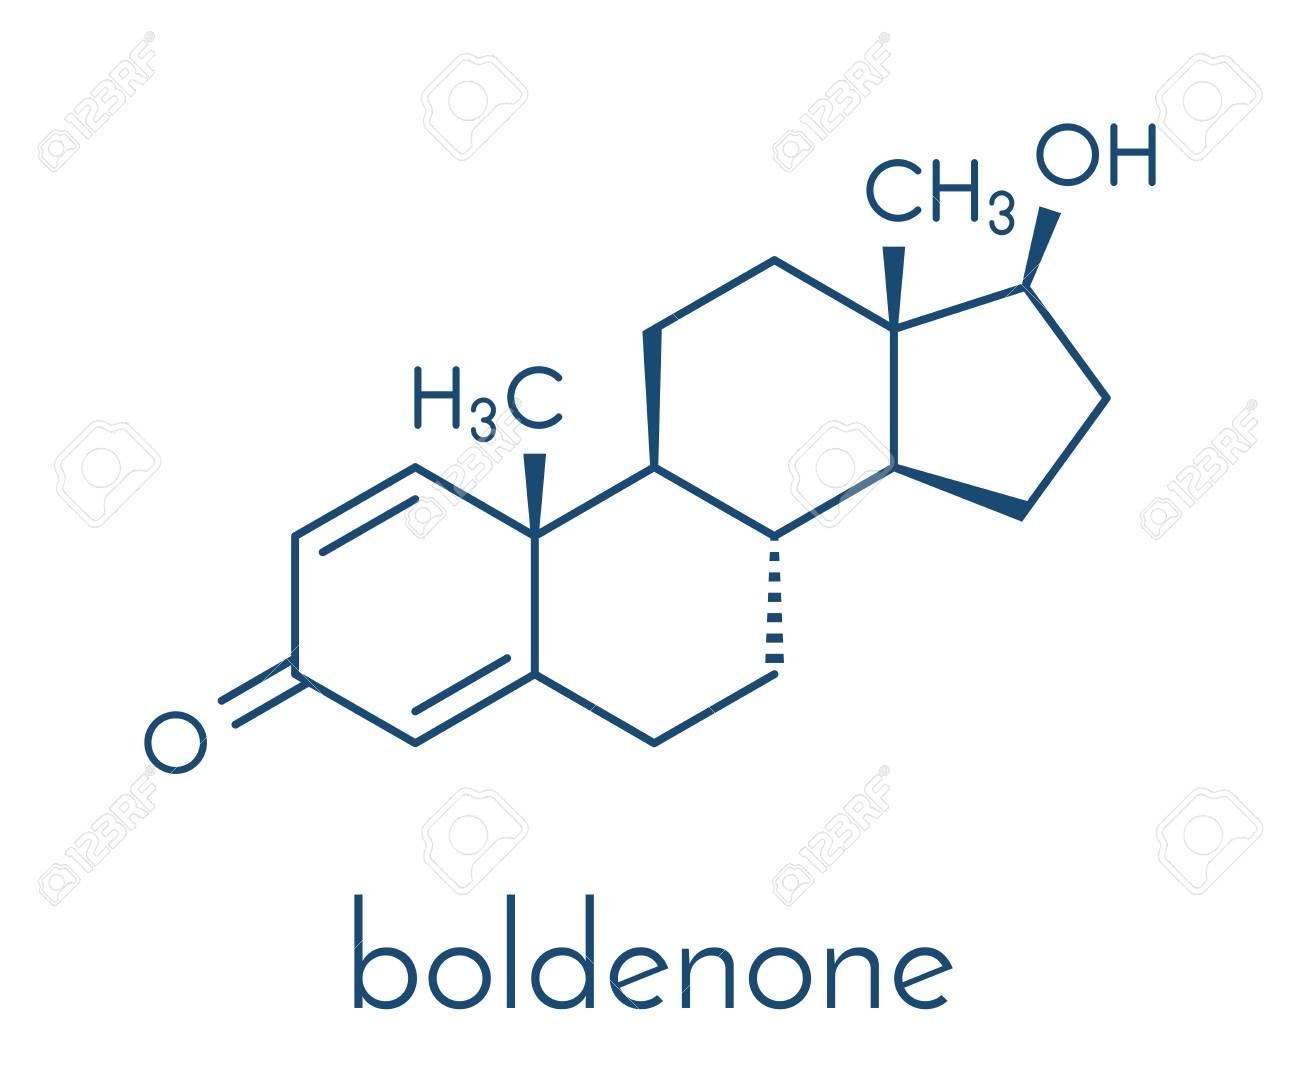 Esteroide Anabólico De Boldenona Estructura Química Fórmula Esquelética